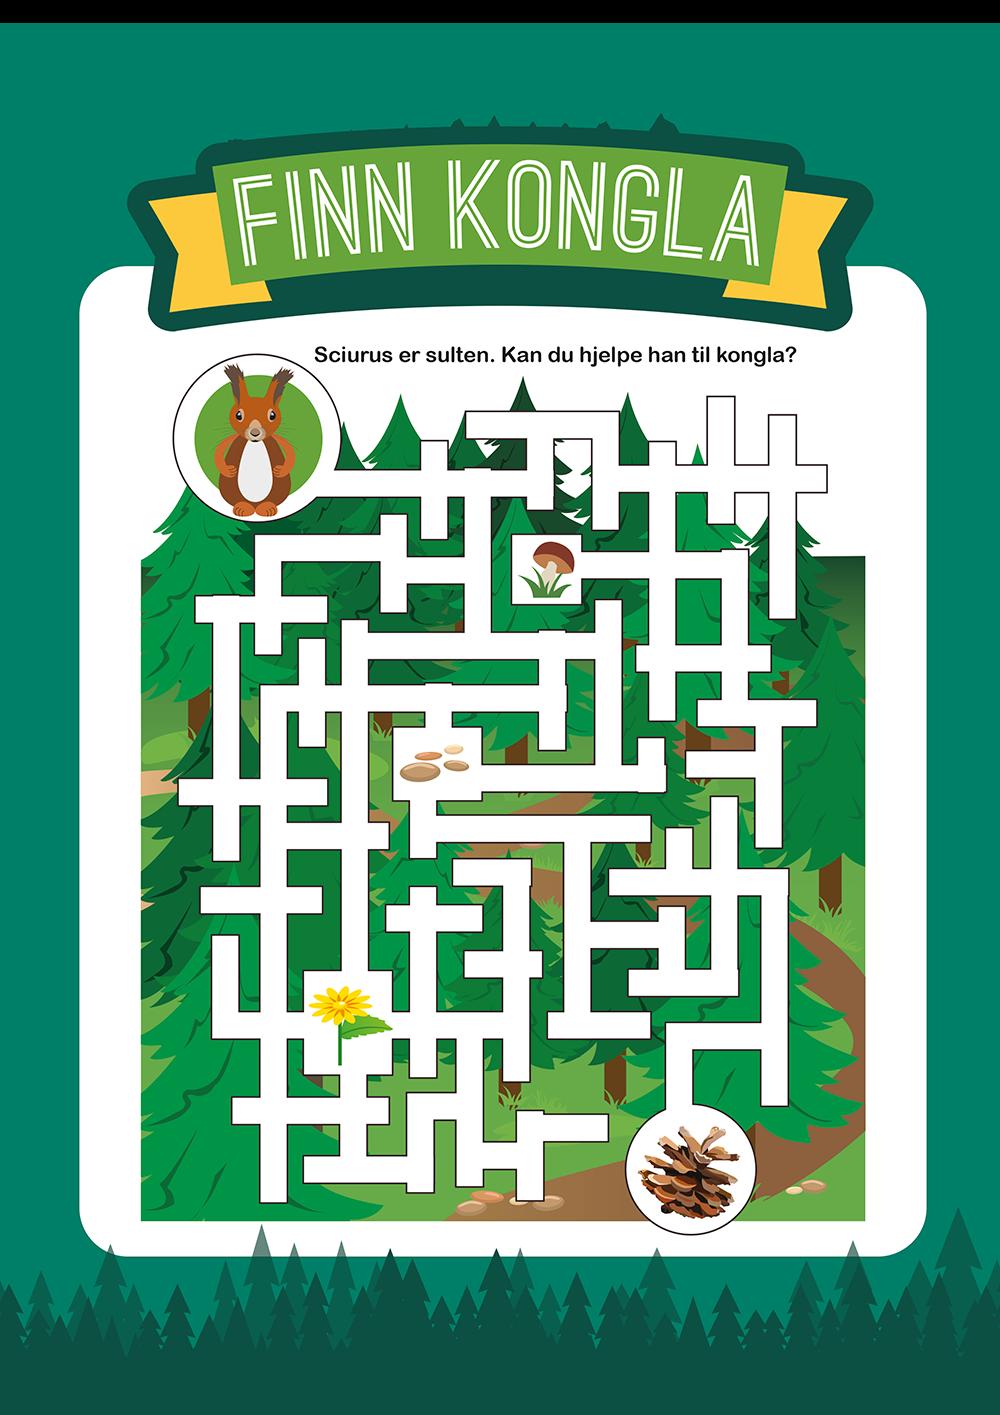 Finn kongla